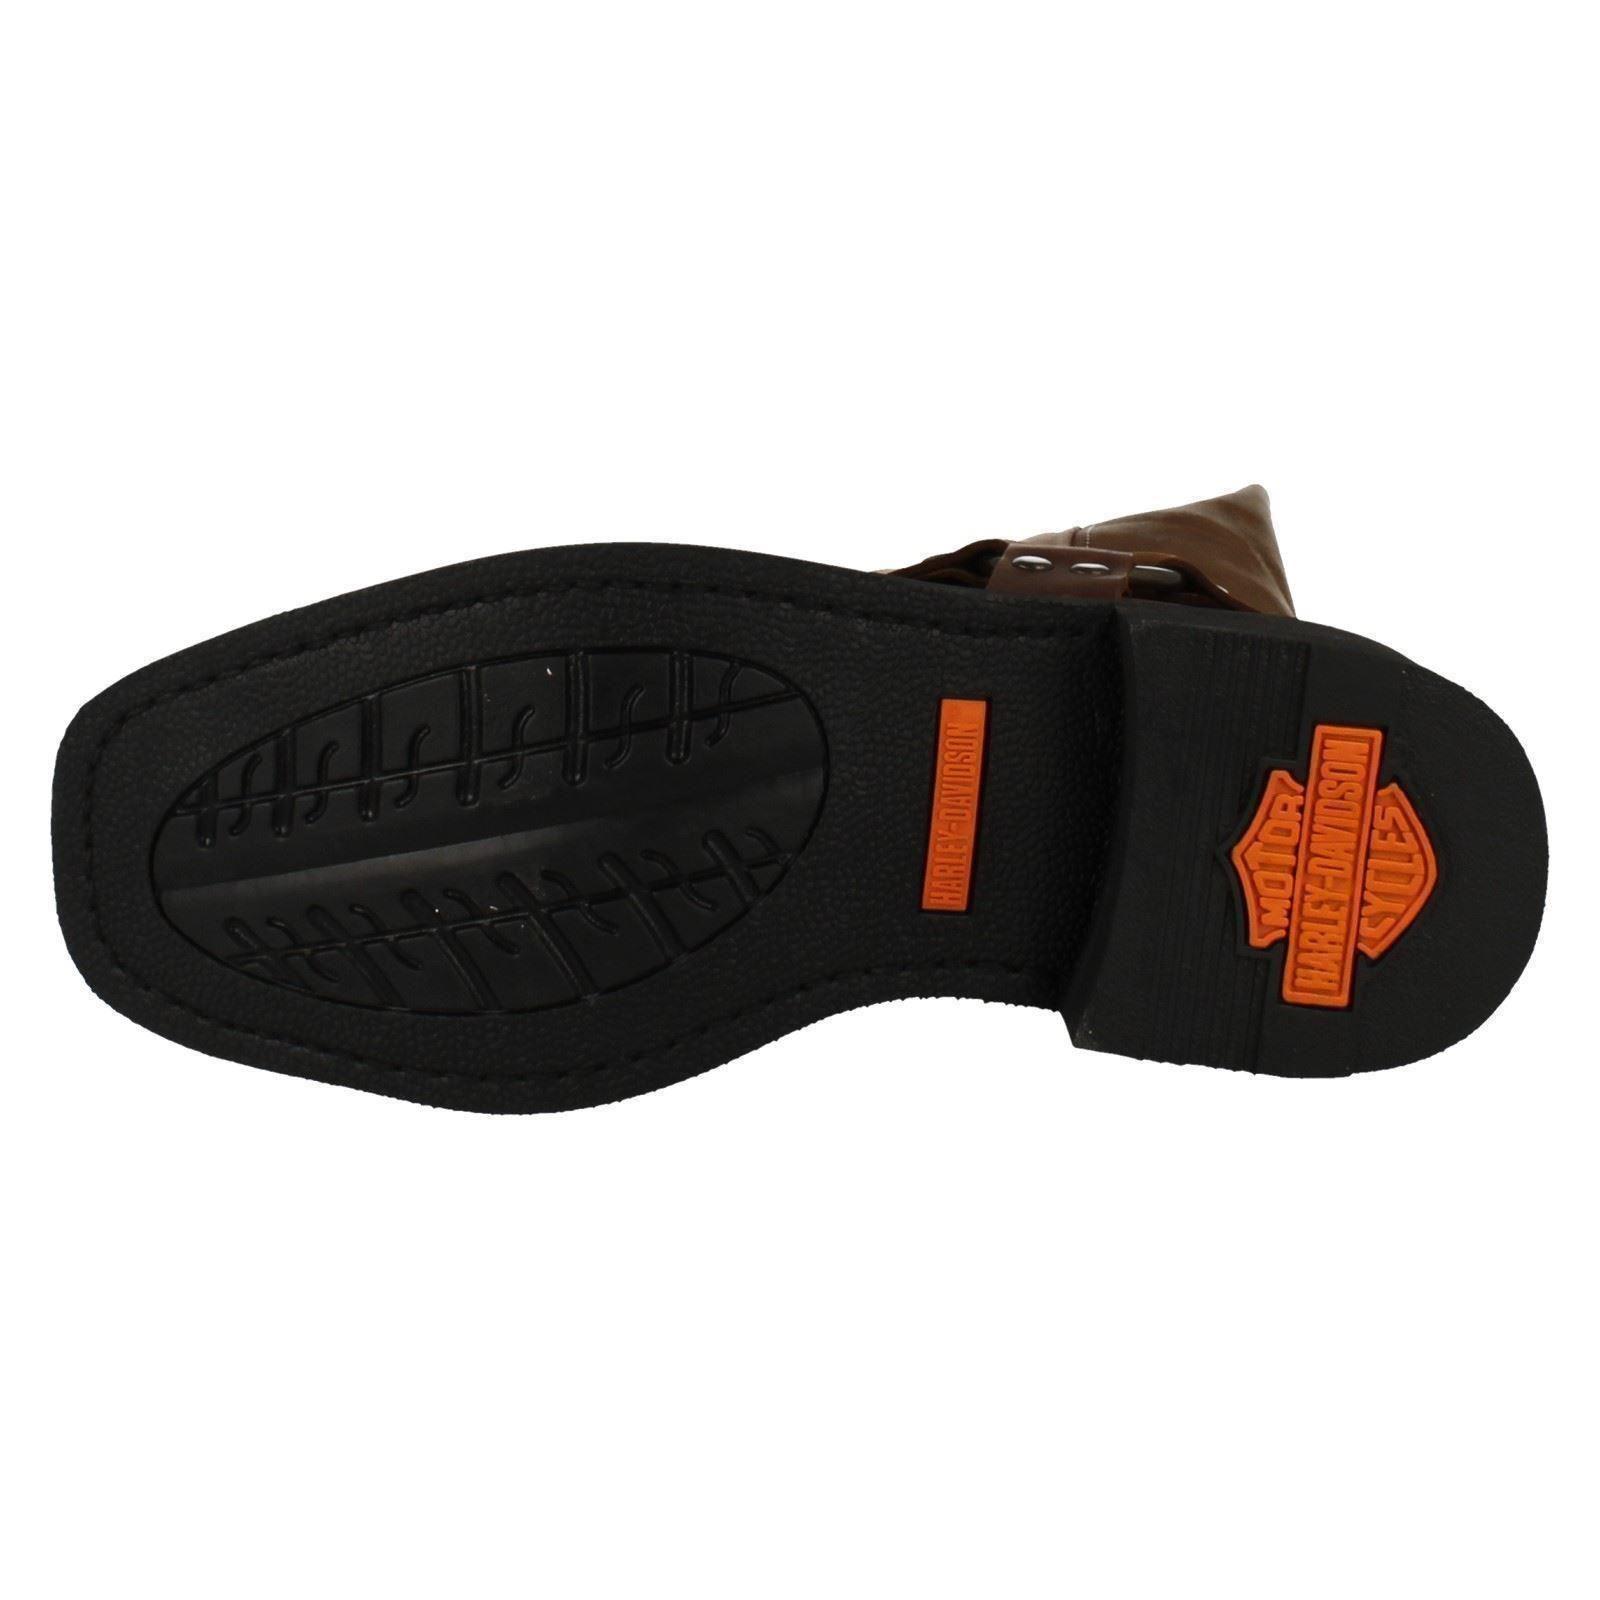 Herren Harley Davidson Stiefel Stiefel Stiefel Label Darren 7ab98d